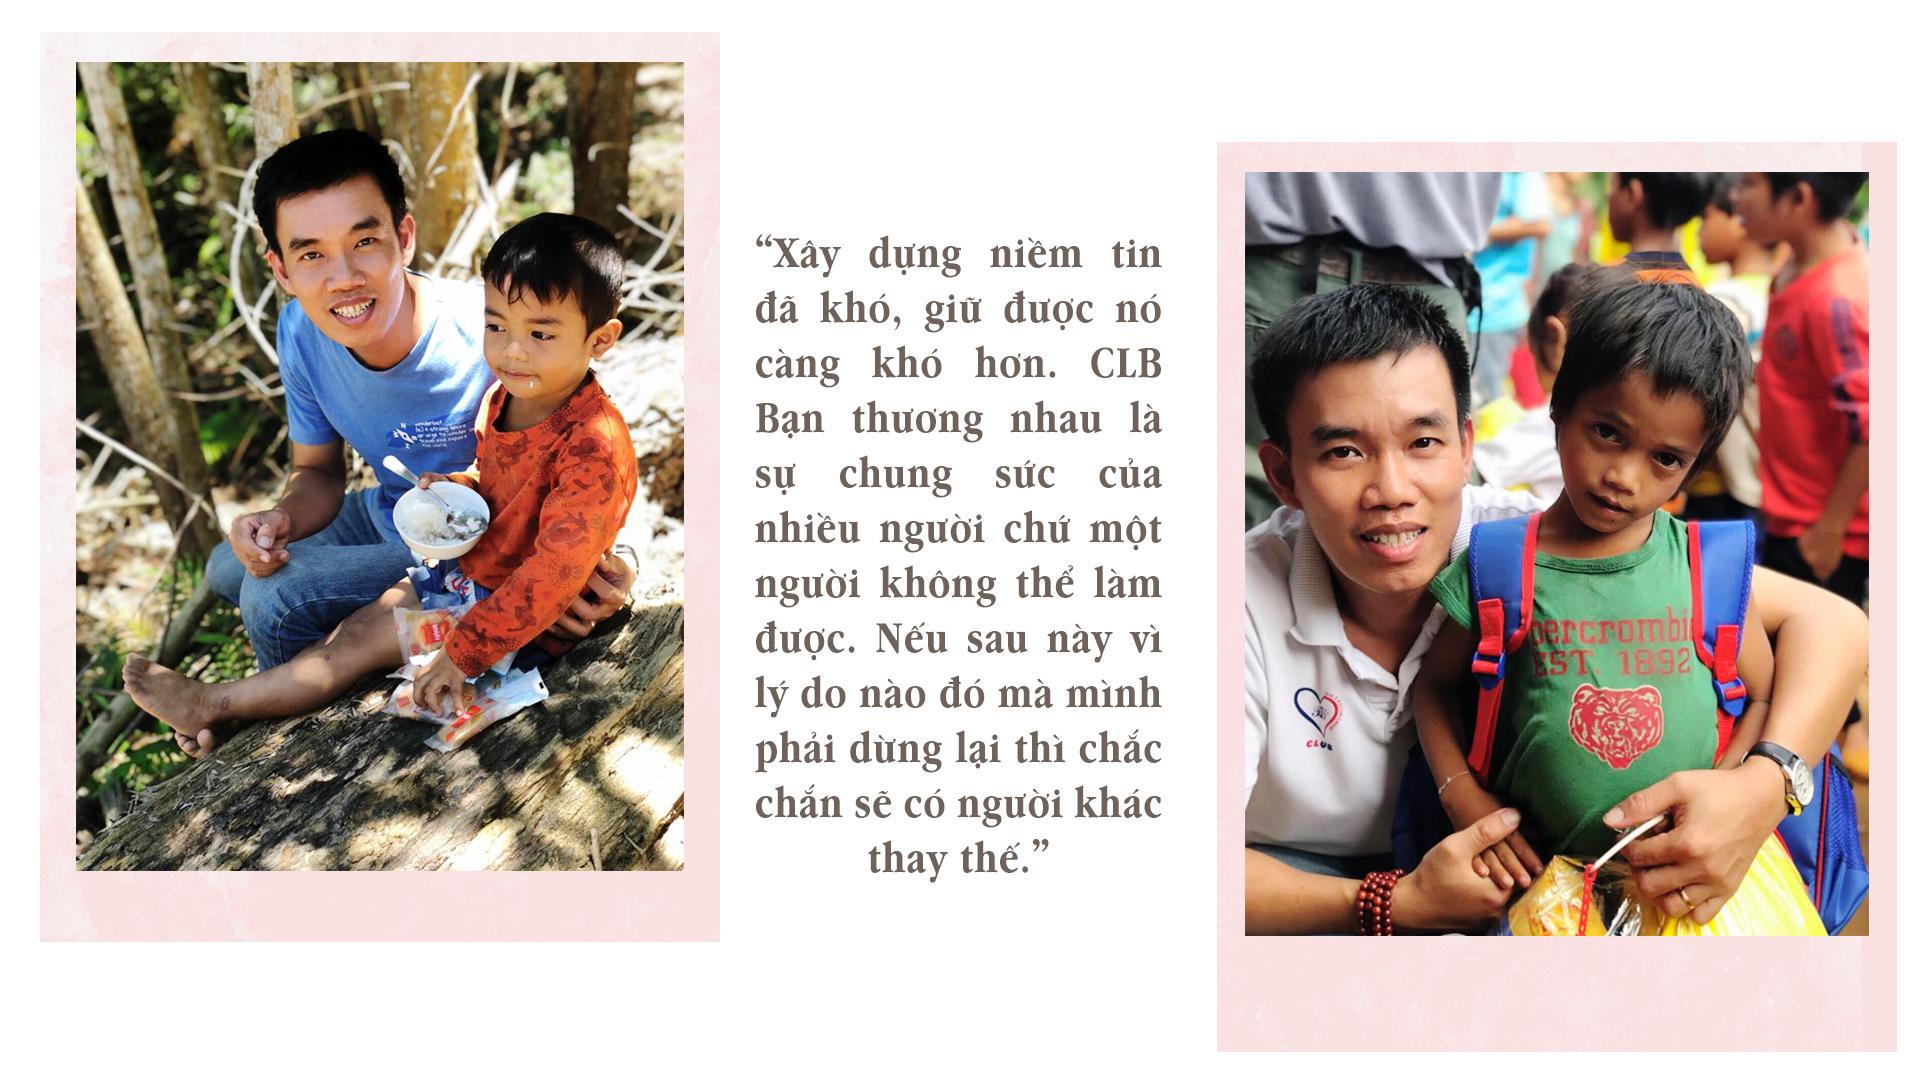 Chàng kỹ sư 10 năm lên núi vận động xây trường cho trẻ - ảnh 10